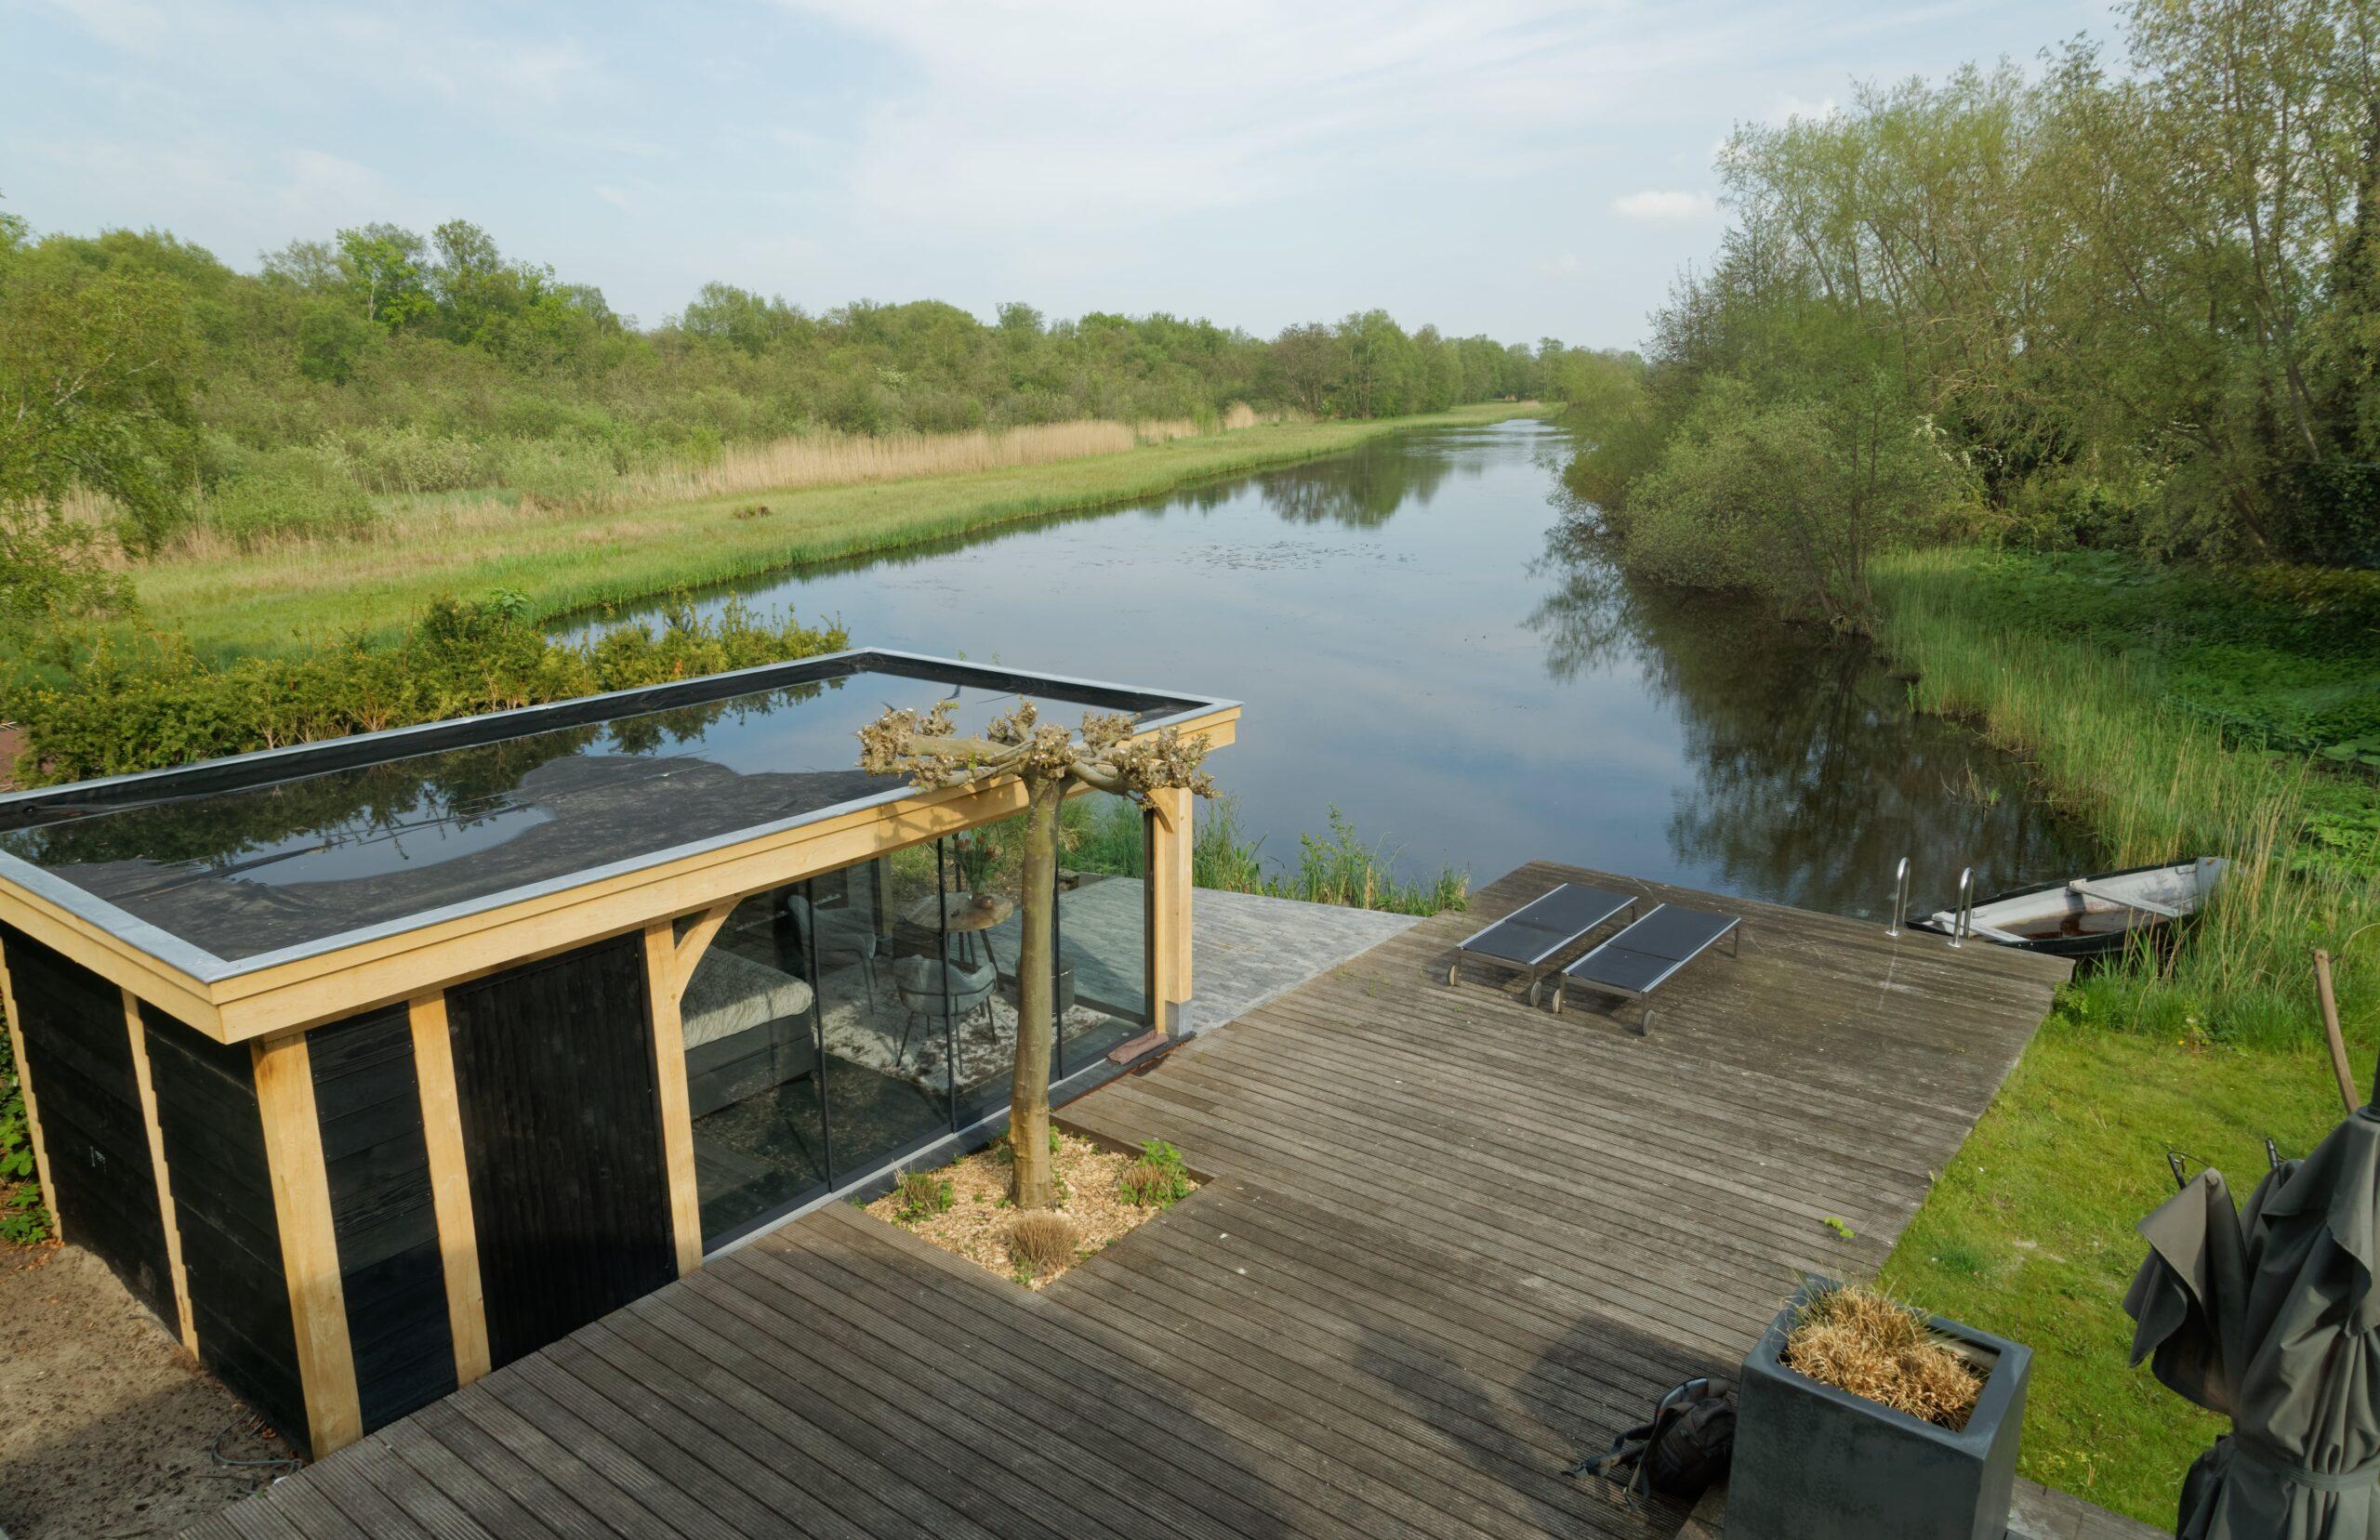 Luxe-tuinkamer-aan-het-water-10-scaled - Project Kortenhoef: Luxe tuinkamer aan het water